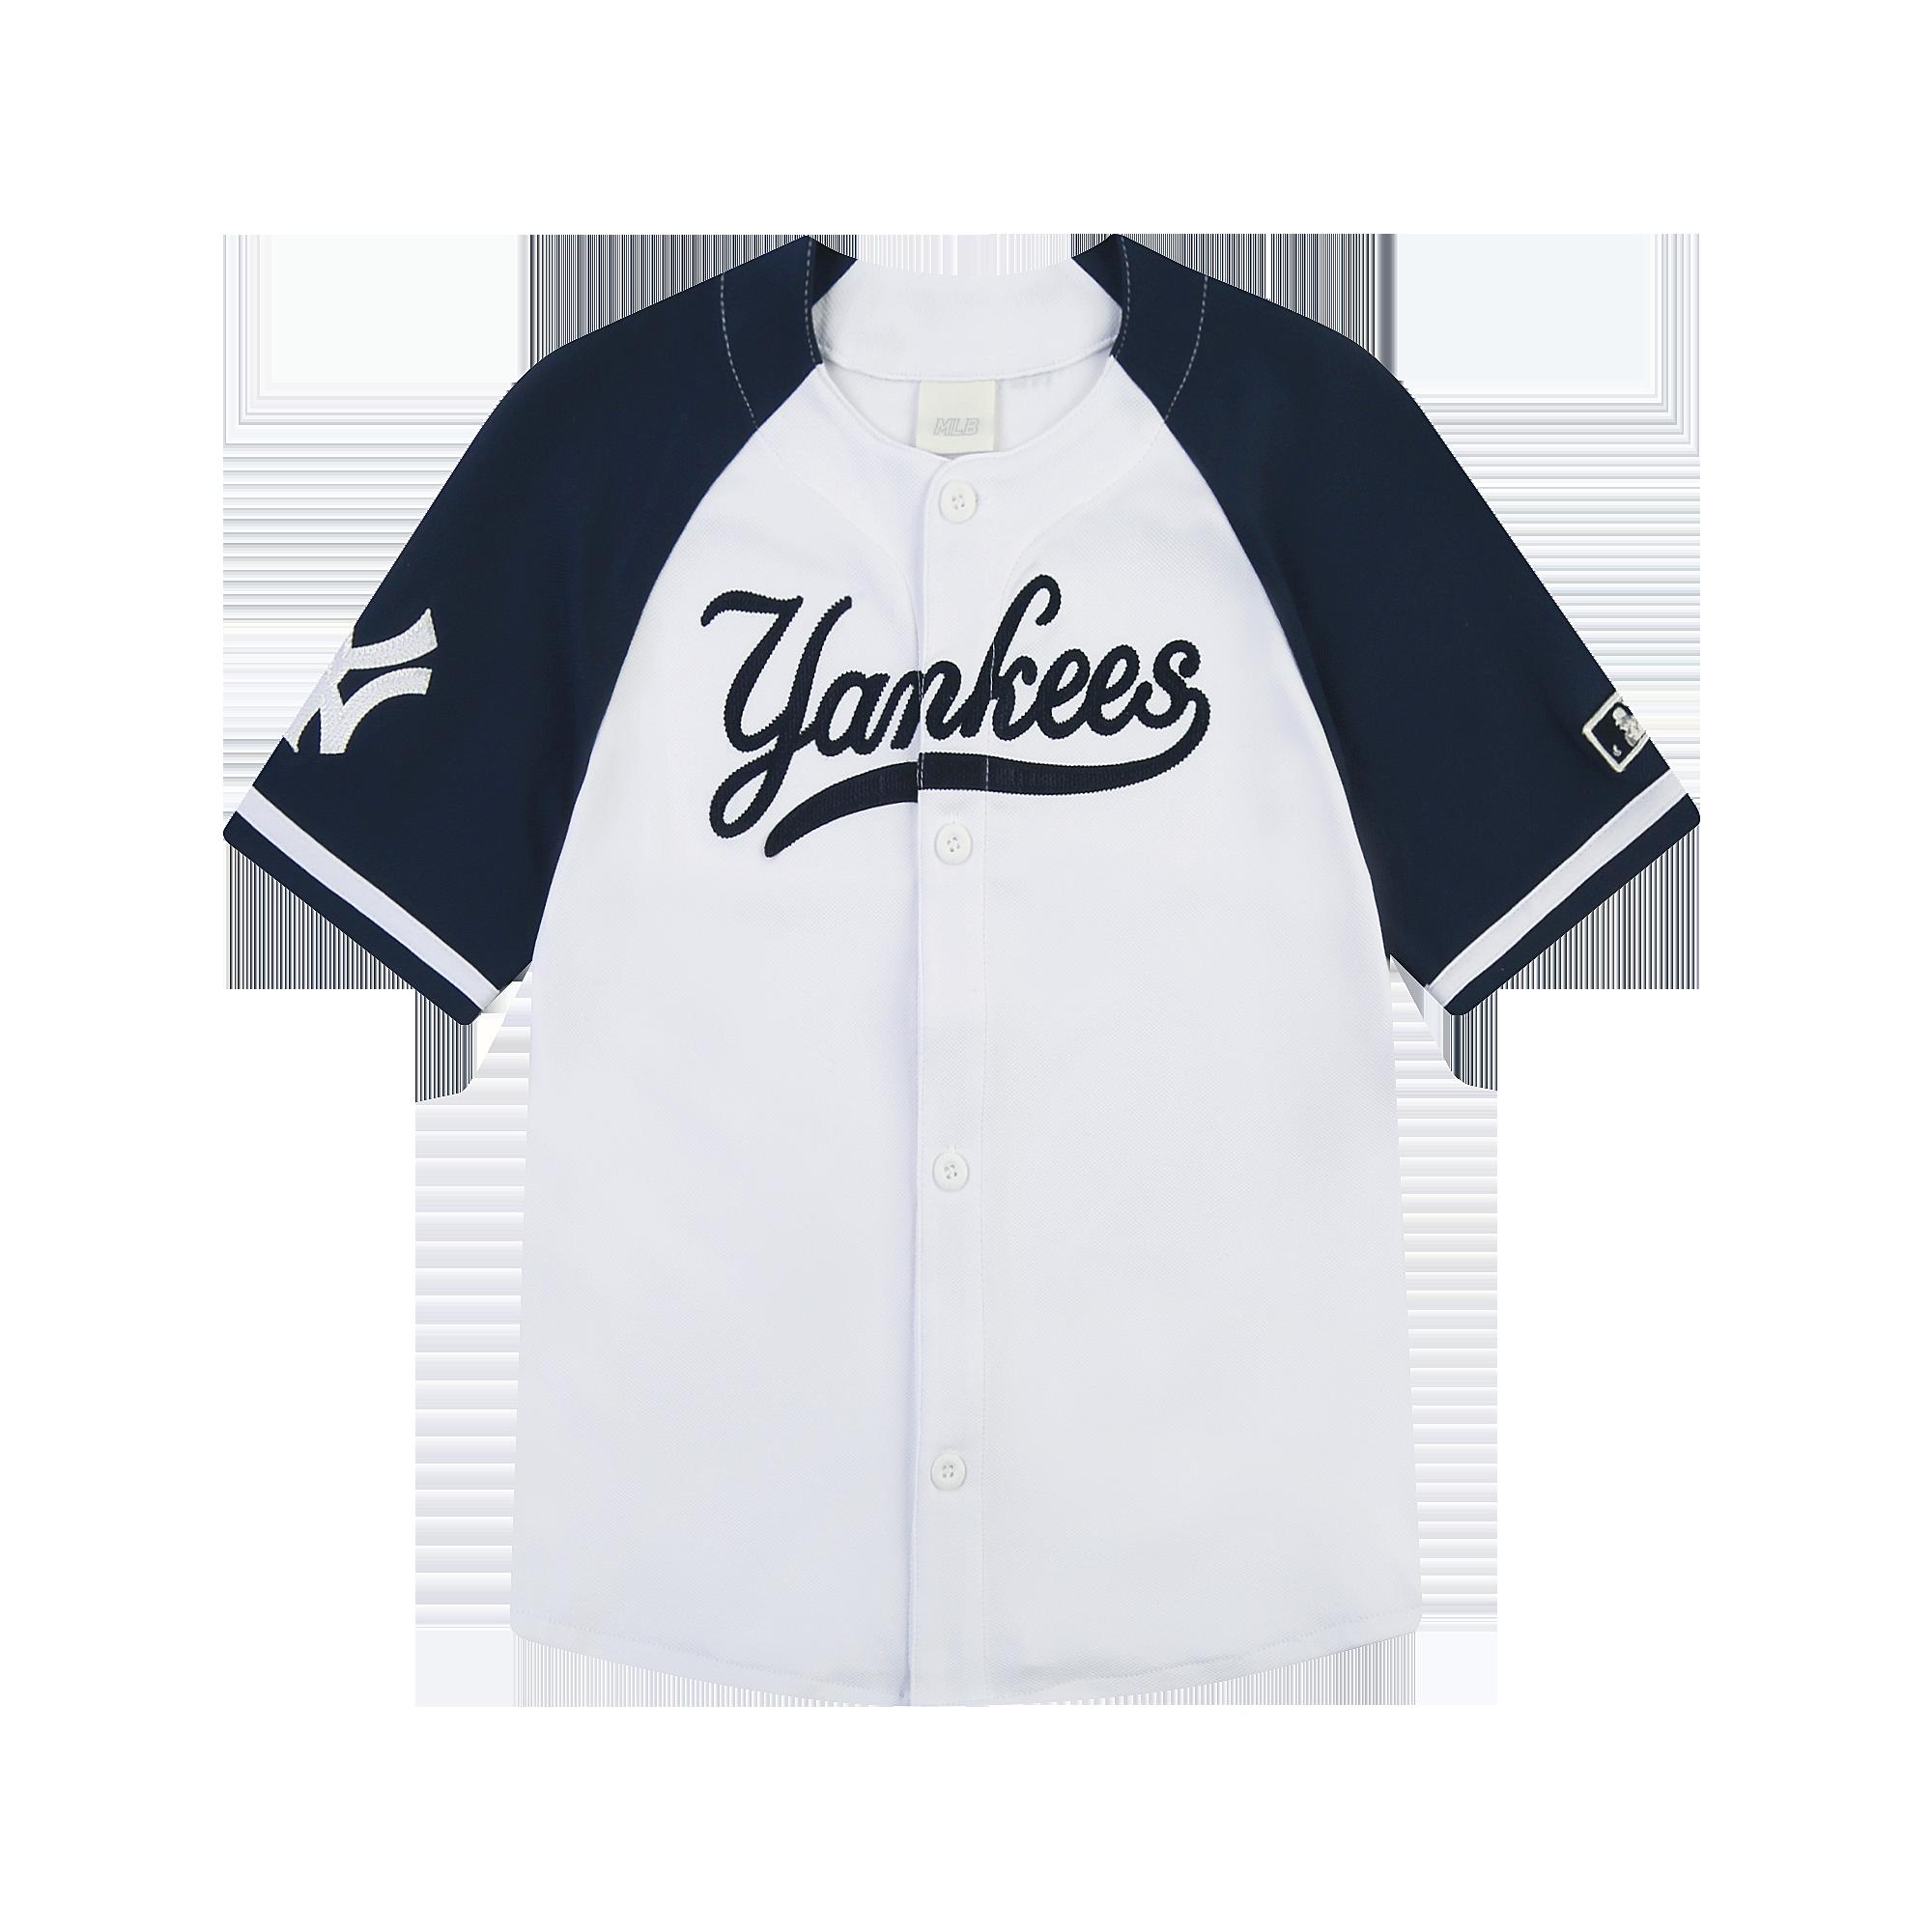 베이직 베이스볼 저지 뉴욕양키스